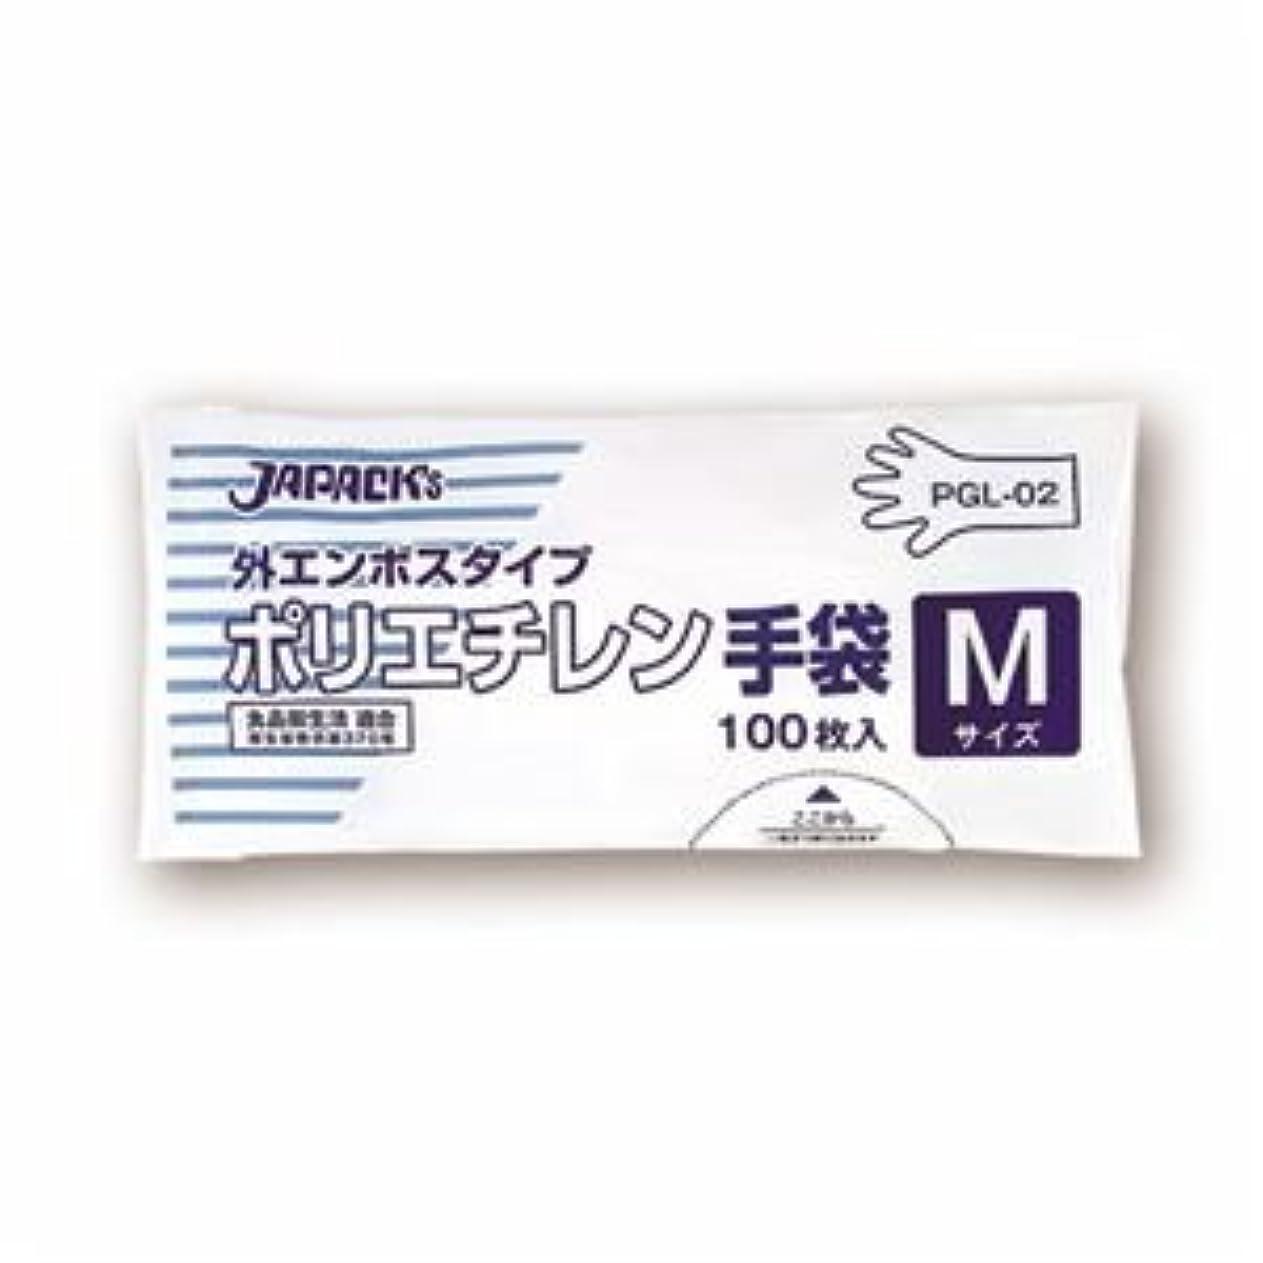 性別制限アサー(まとめ) ジャパックス 外エンボスタイプ LDポリエチレン手袋 M PGL-02 1パック(100